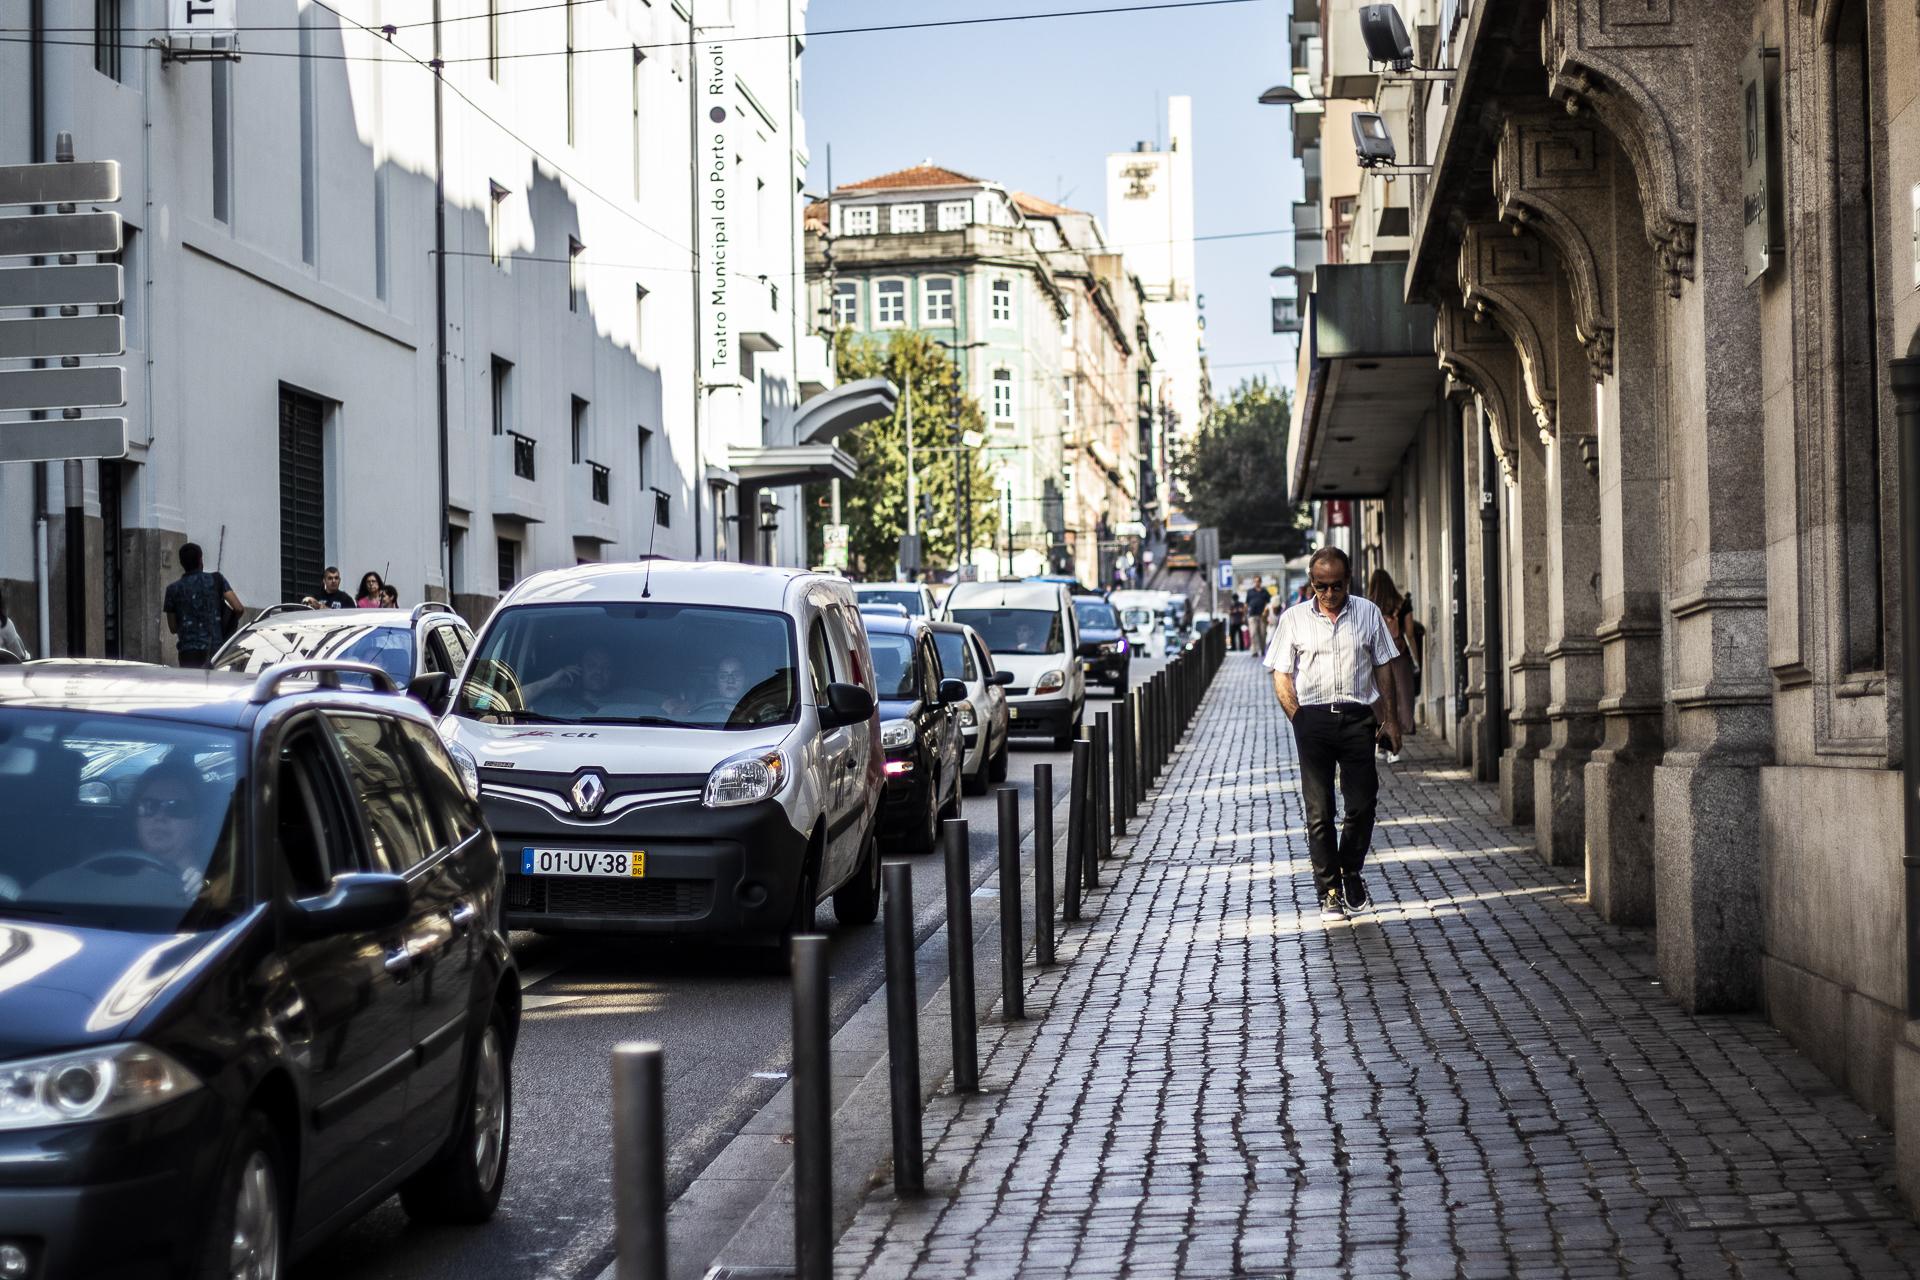 OE2019: Impostos ISV e IUC sobem em média 1,3%, aponta Deloitte